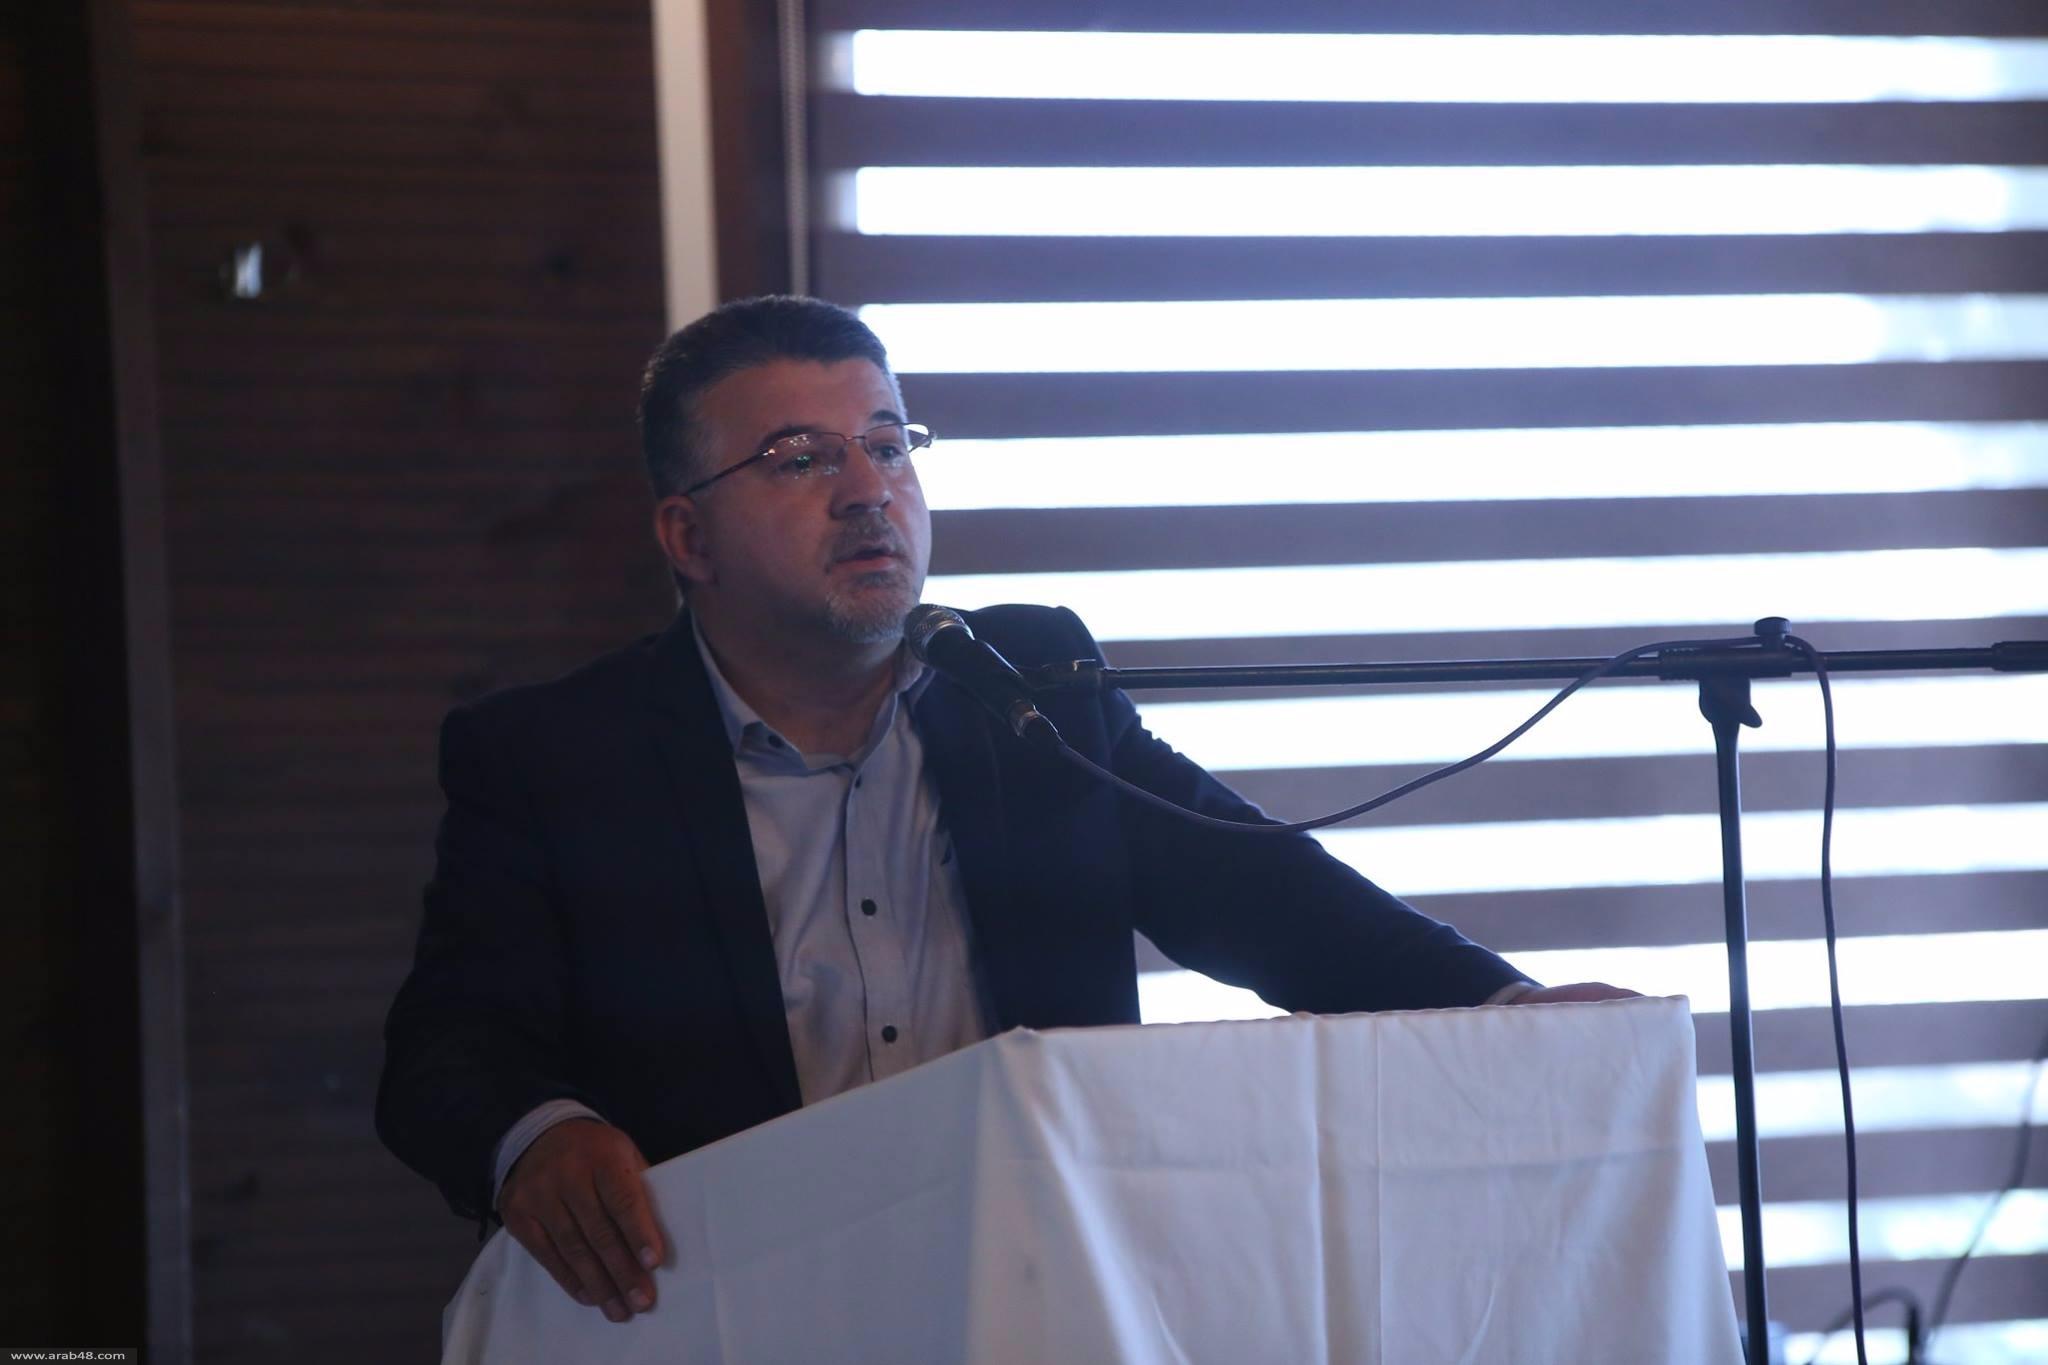 فلسطينيو الداخل... واقع جديد وتحديات لمواجهة سياسات إسرائيل